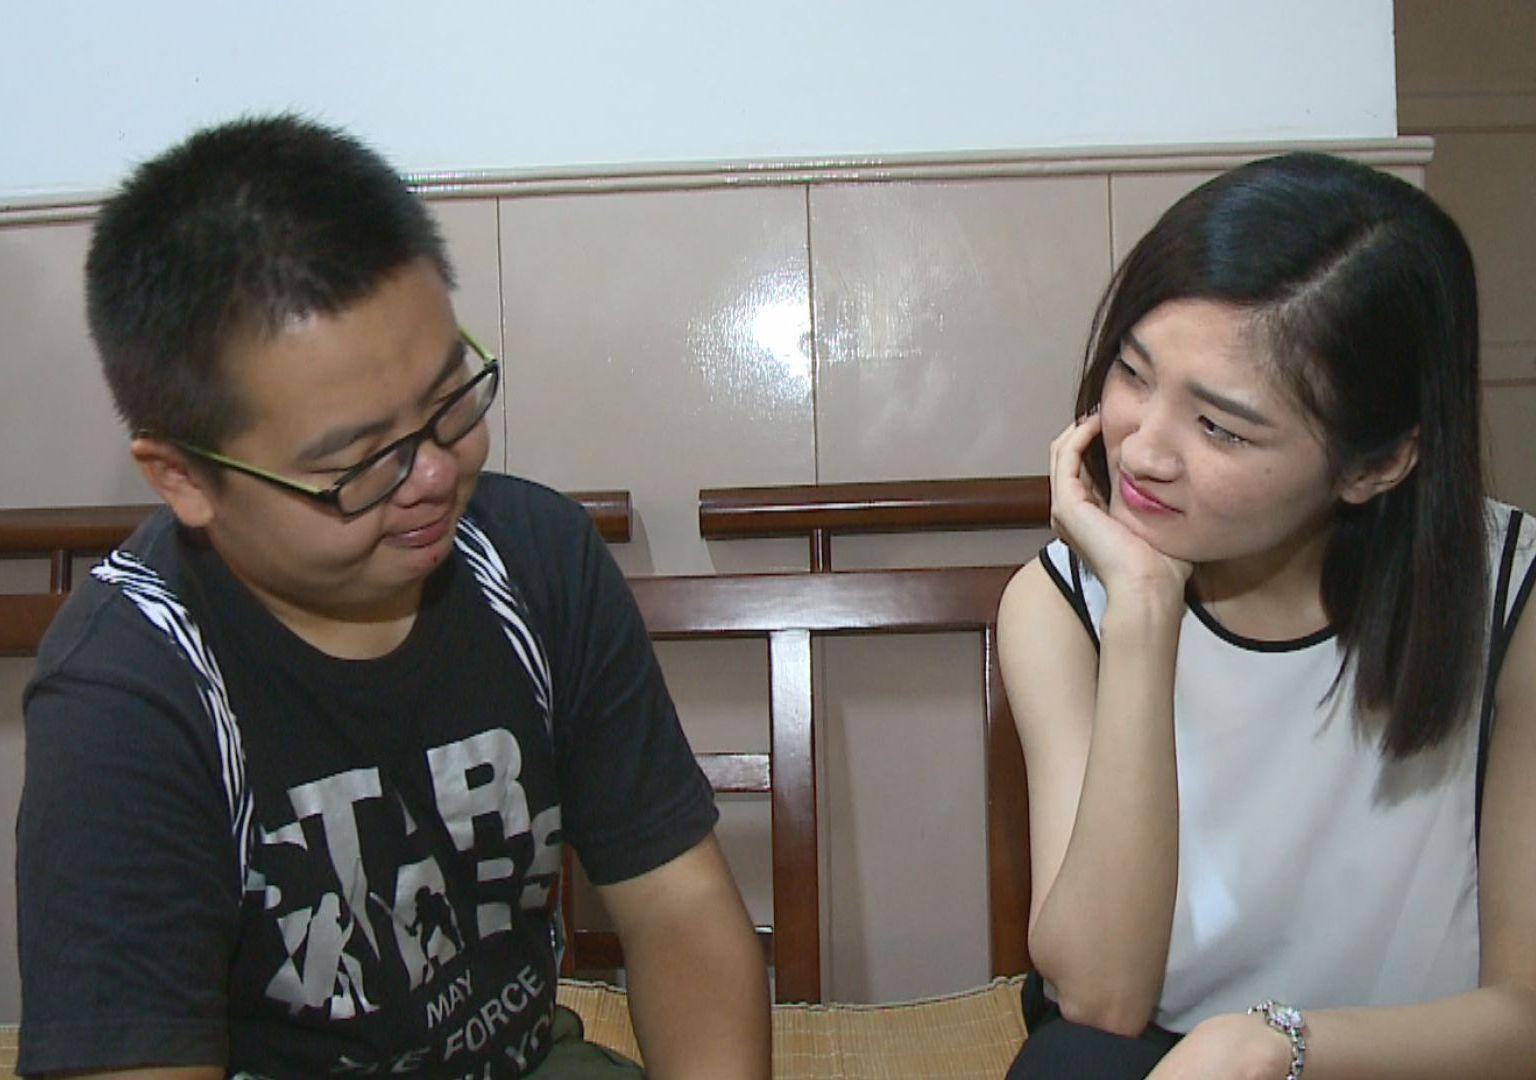 《背带2萌》第6集 2萌遇碰瓷 娇妻秒变生理医生